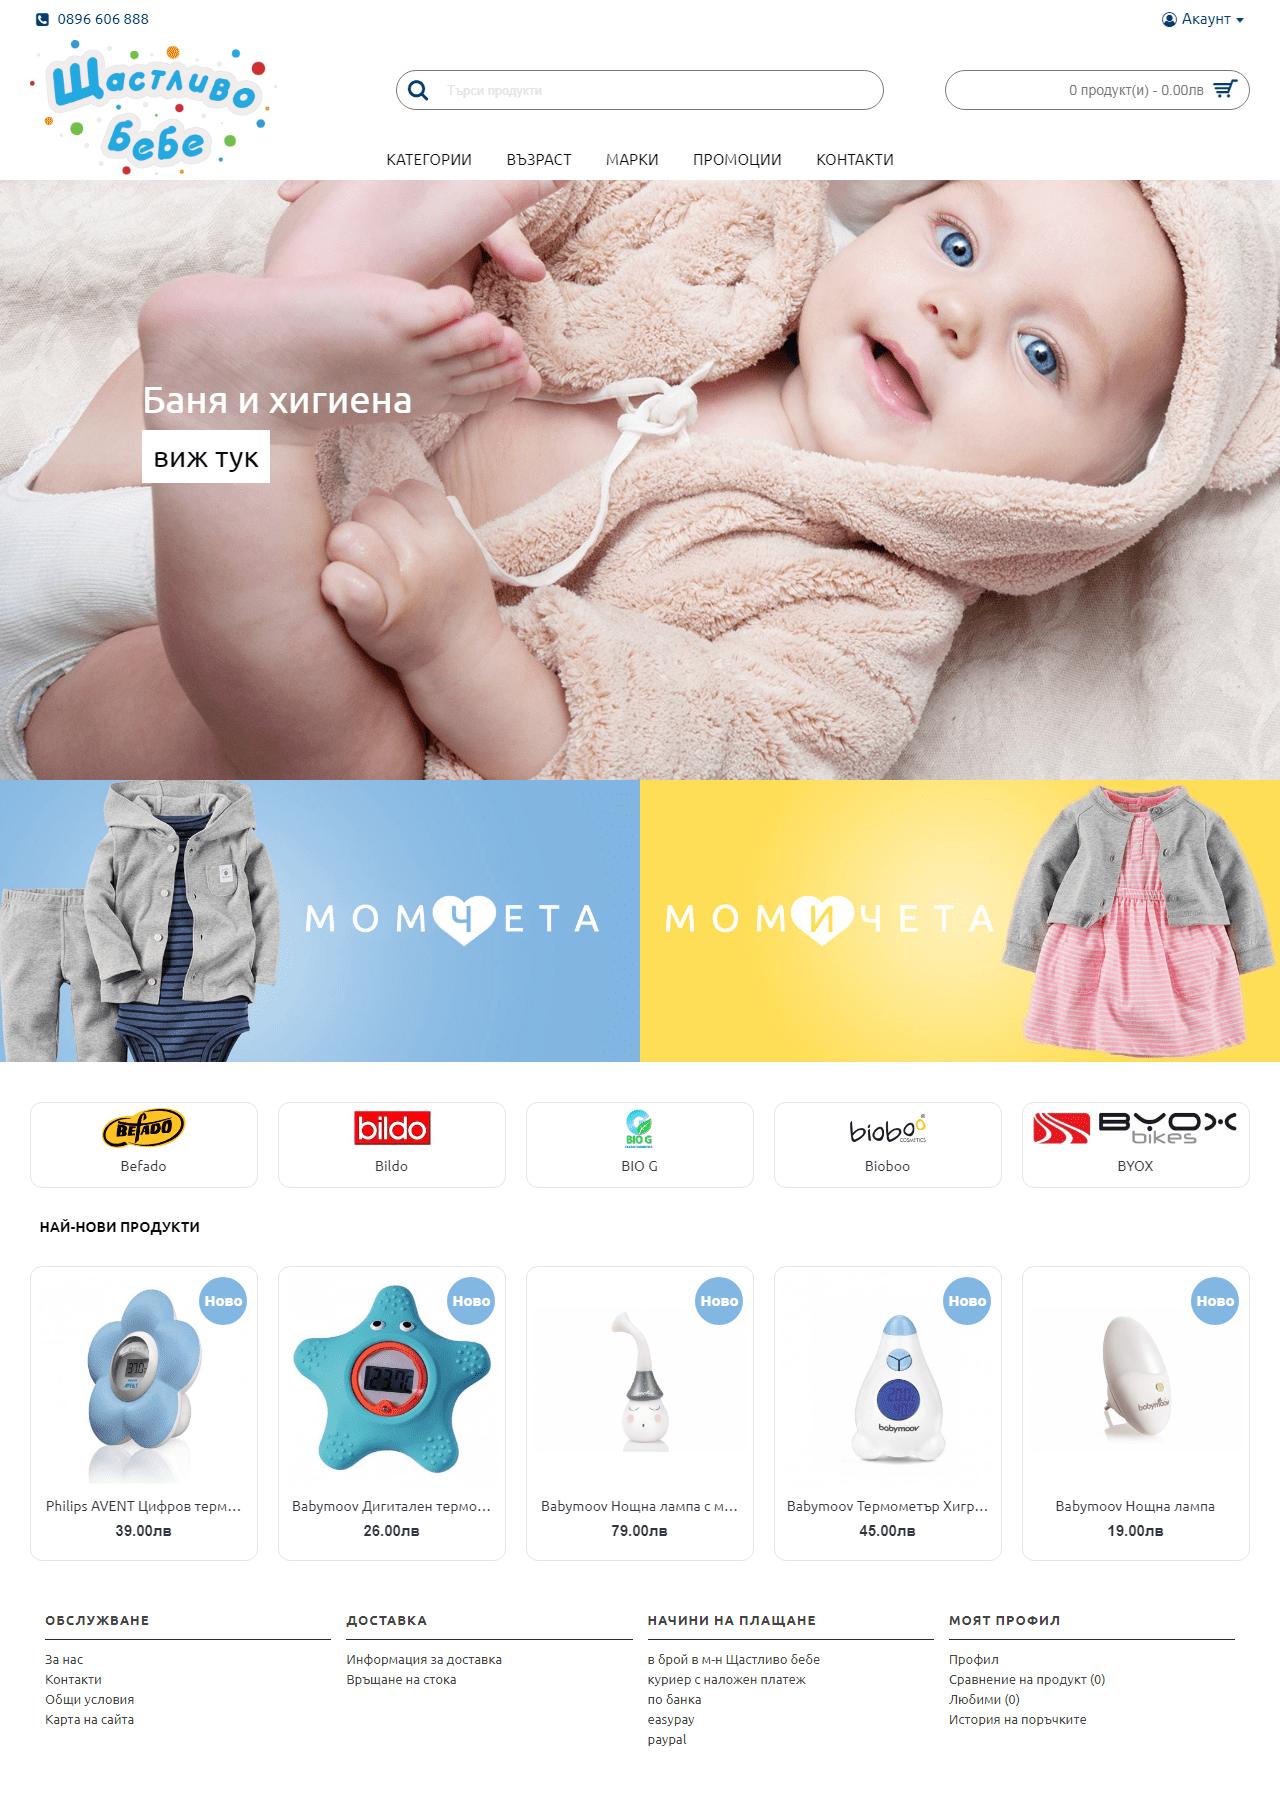 Shtastlivobebe.bg - Онлайн магазин за бебешки колички, аксесоари и дрехи